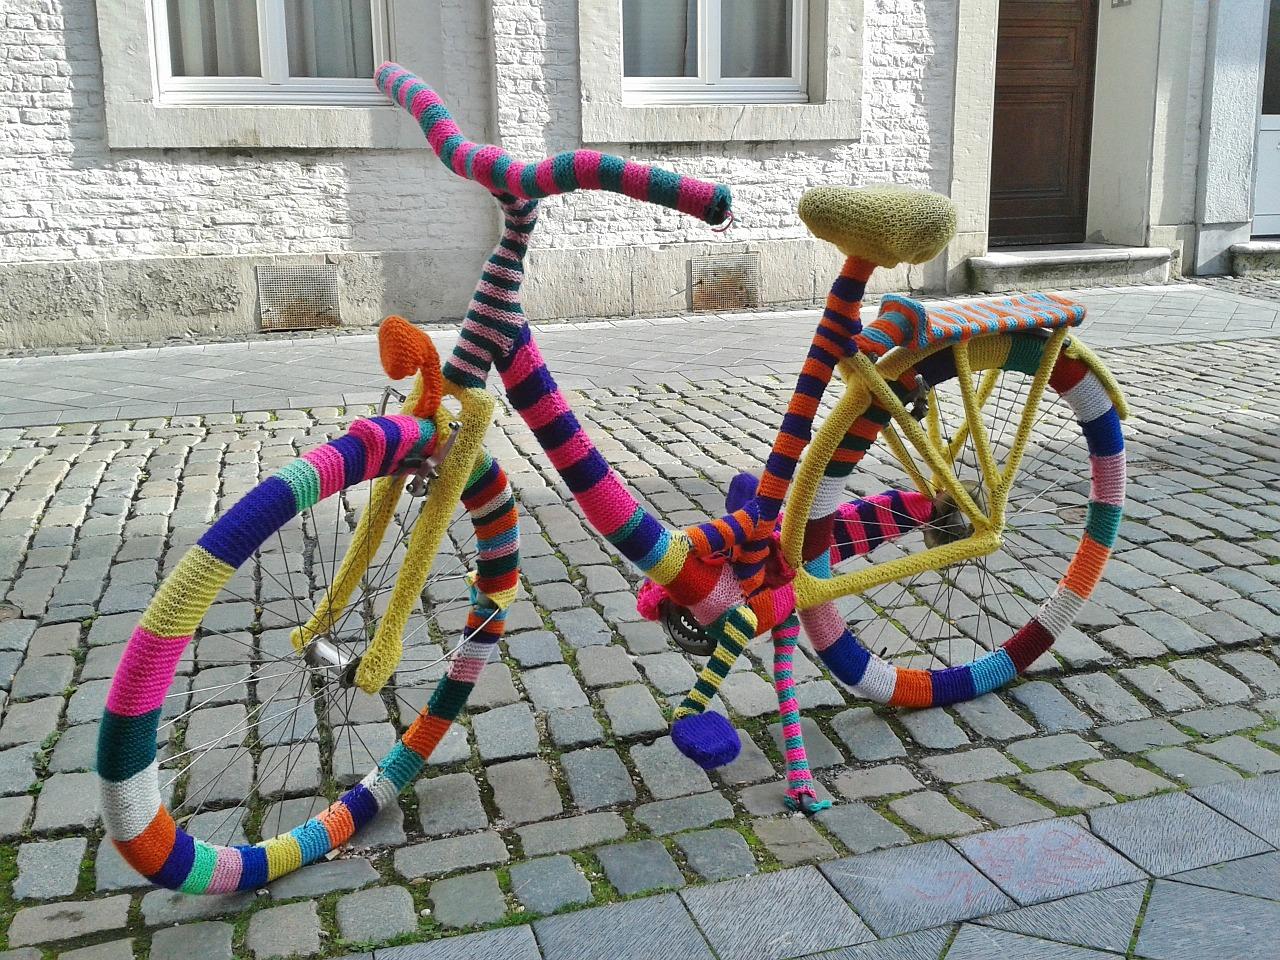 Bild på en cykel som är parkerad på en kullerstensgata. Någon har virkat kläder till cykeln, den är helt täckt i massa olika färger.